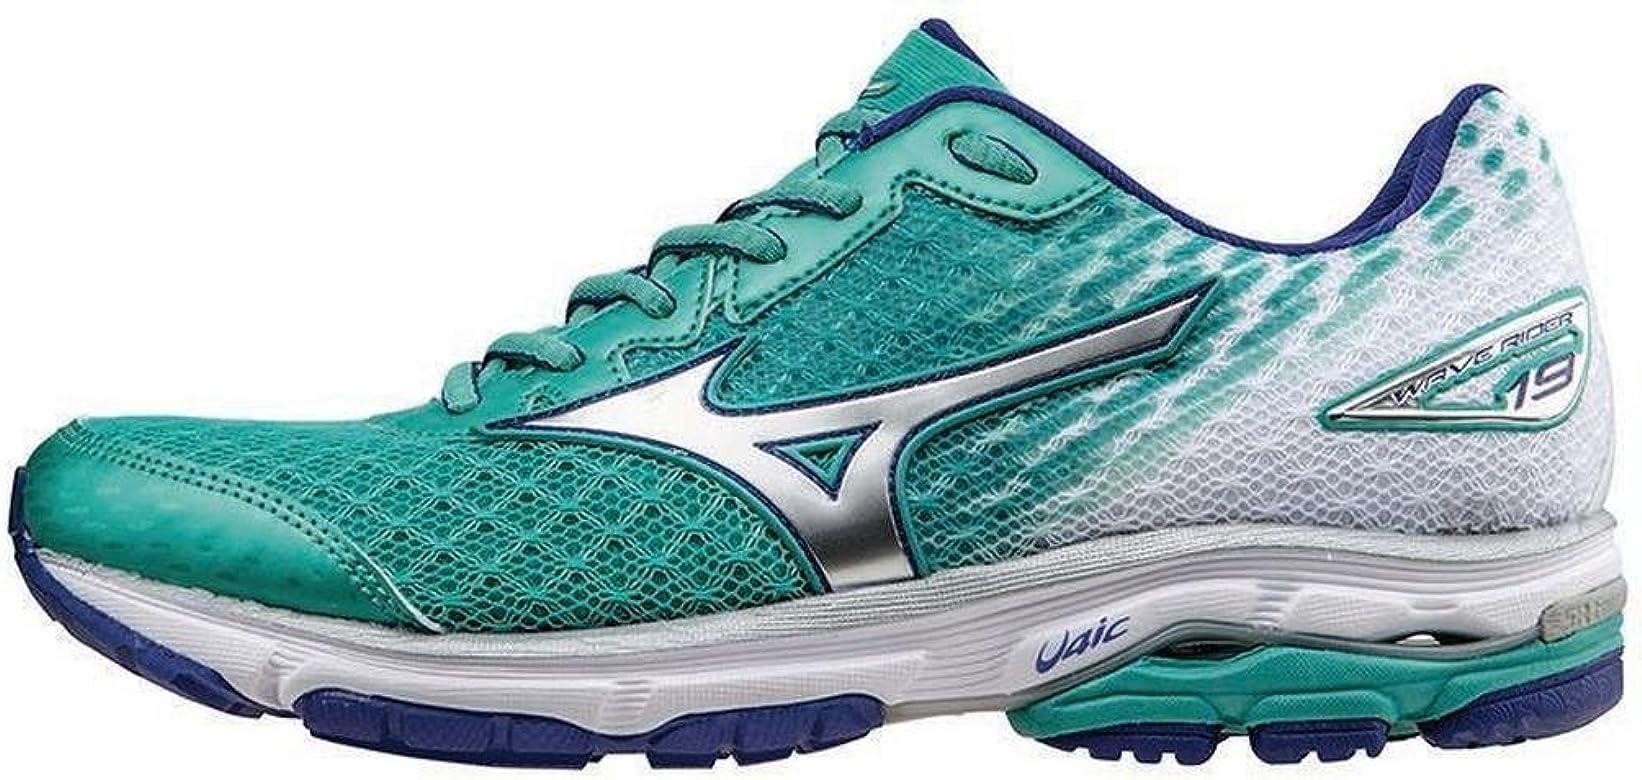 Mizuno Wave Rider 19 Womens Zapatillas para Correr - SS16-42: Amazon.es: Zapatos y complementos